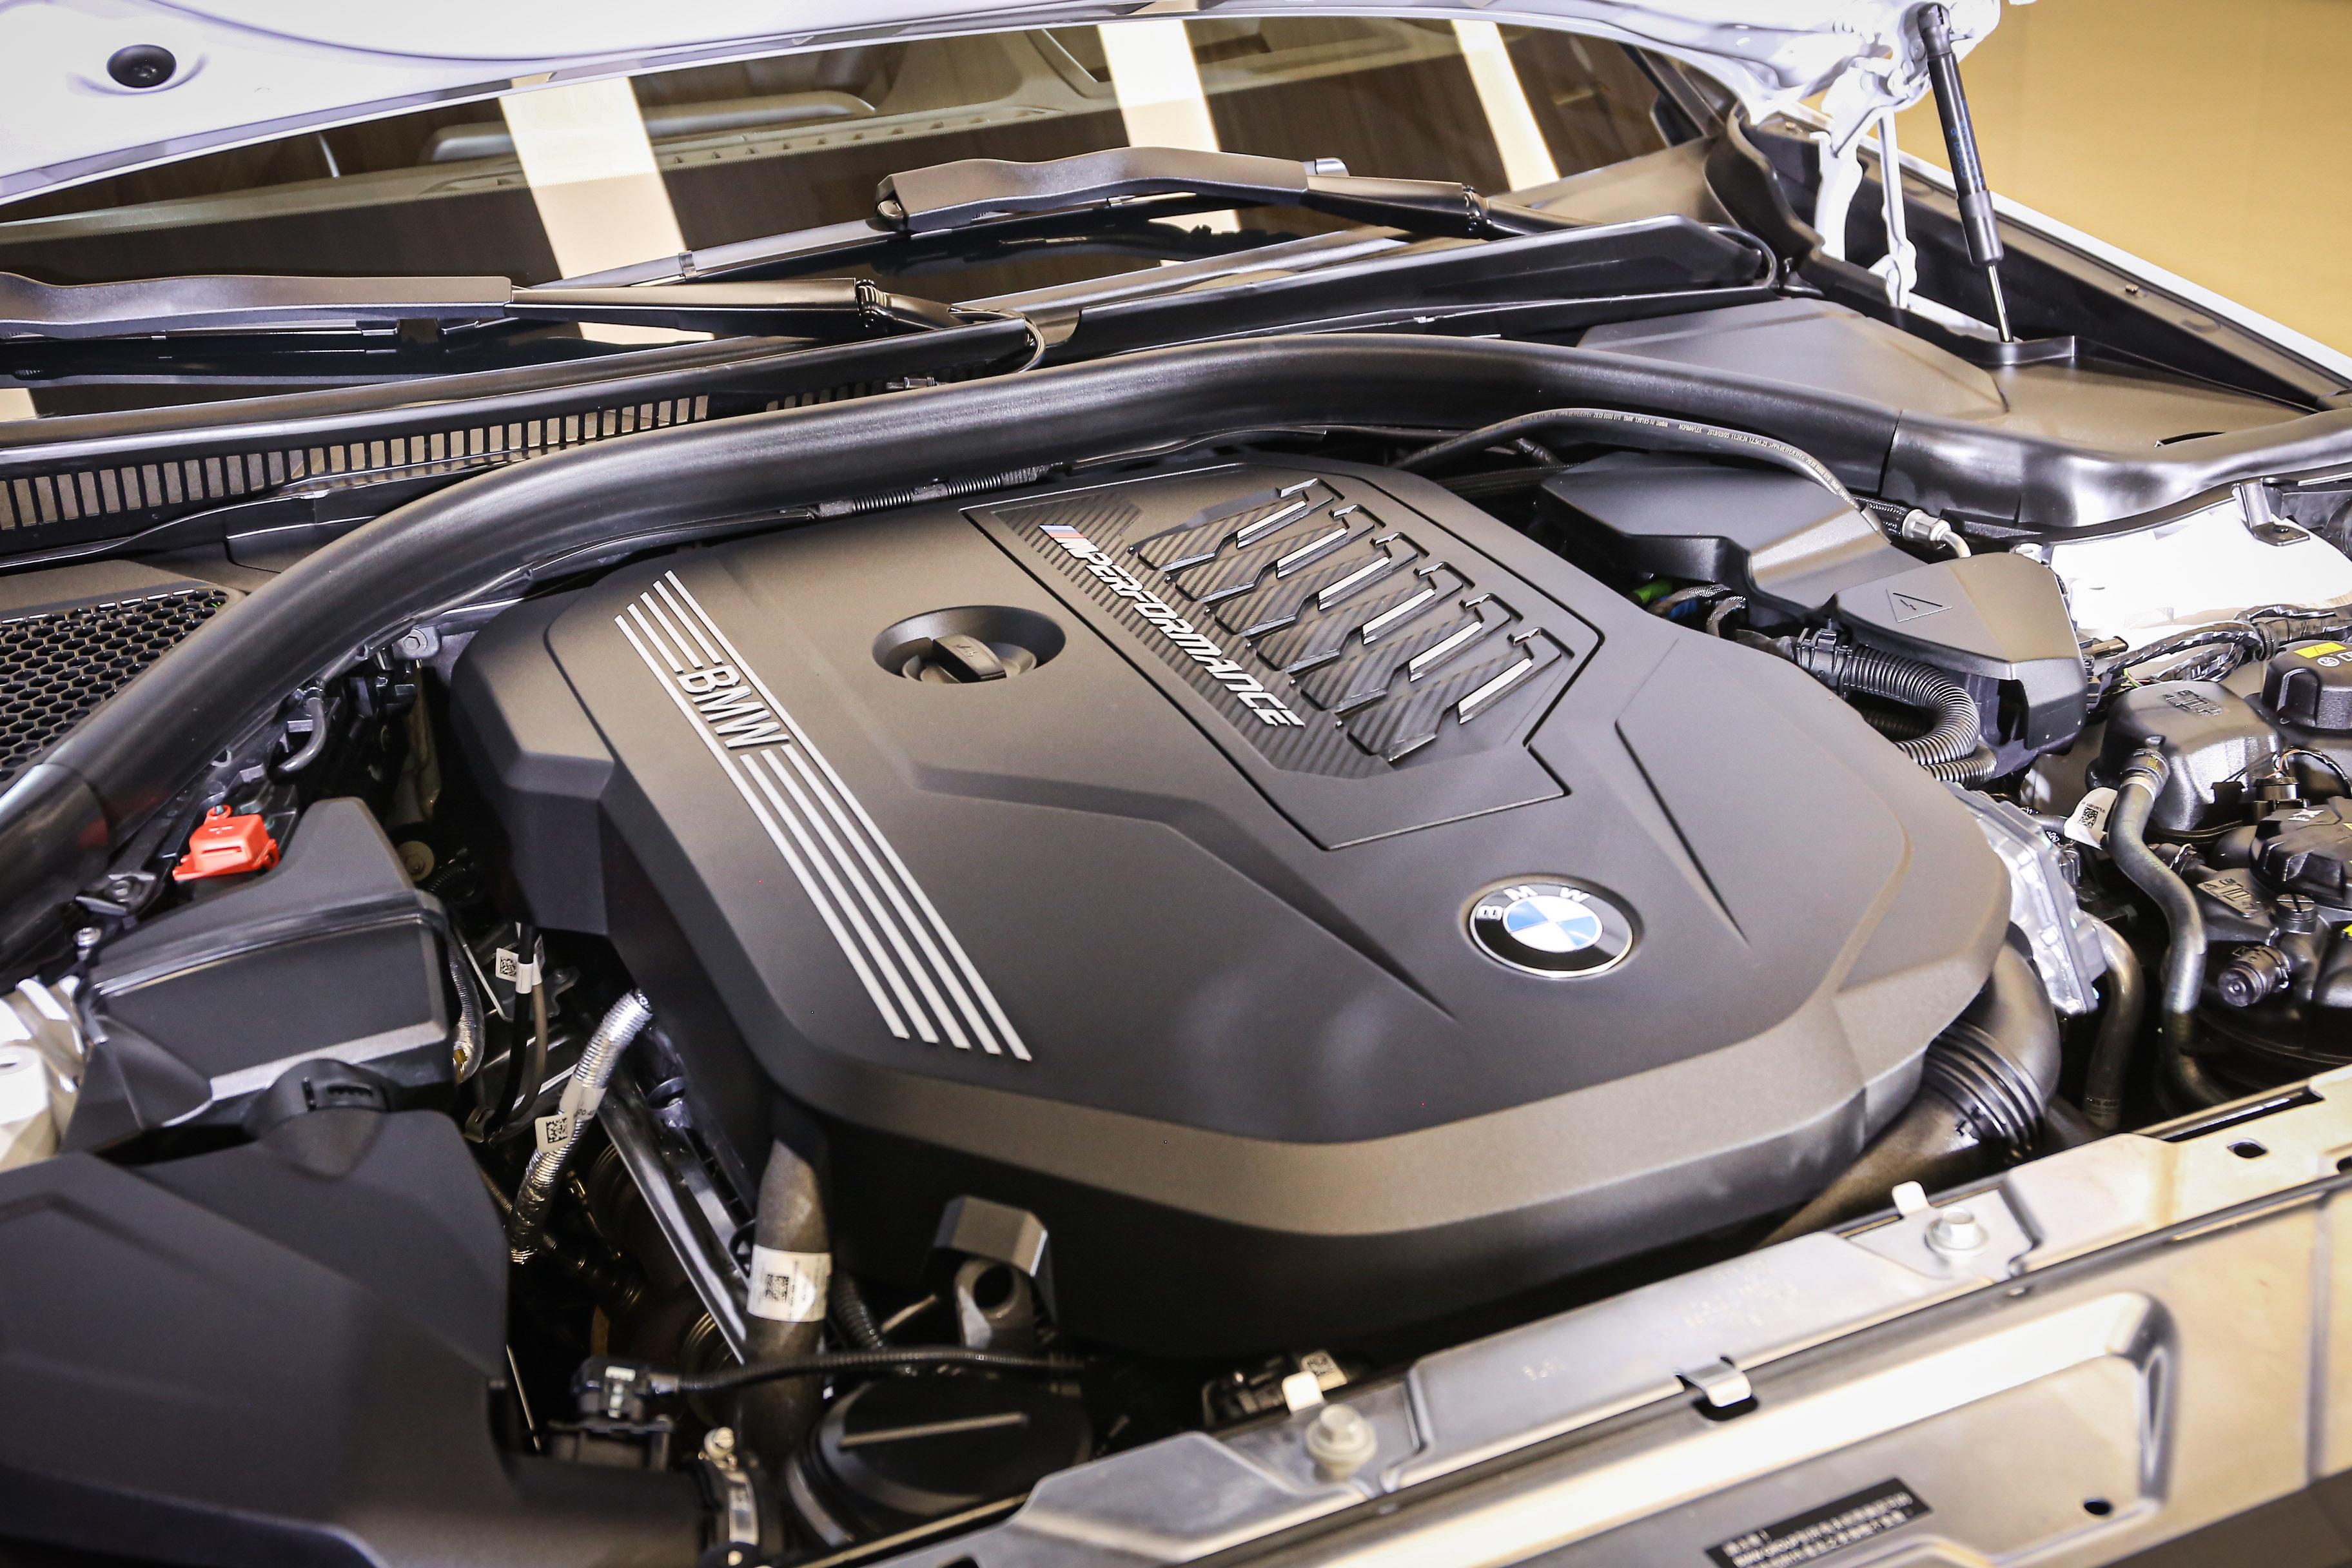 3.0 升 TwinPower Turbo 直列 6 汽缸汽油輸出 500 牛頓米、374 匹最大馬力。